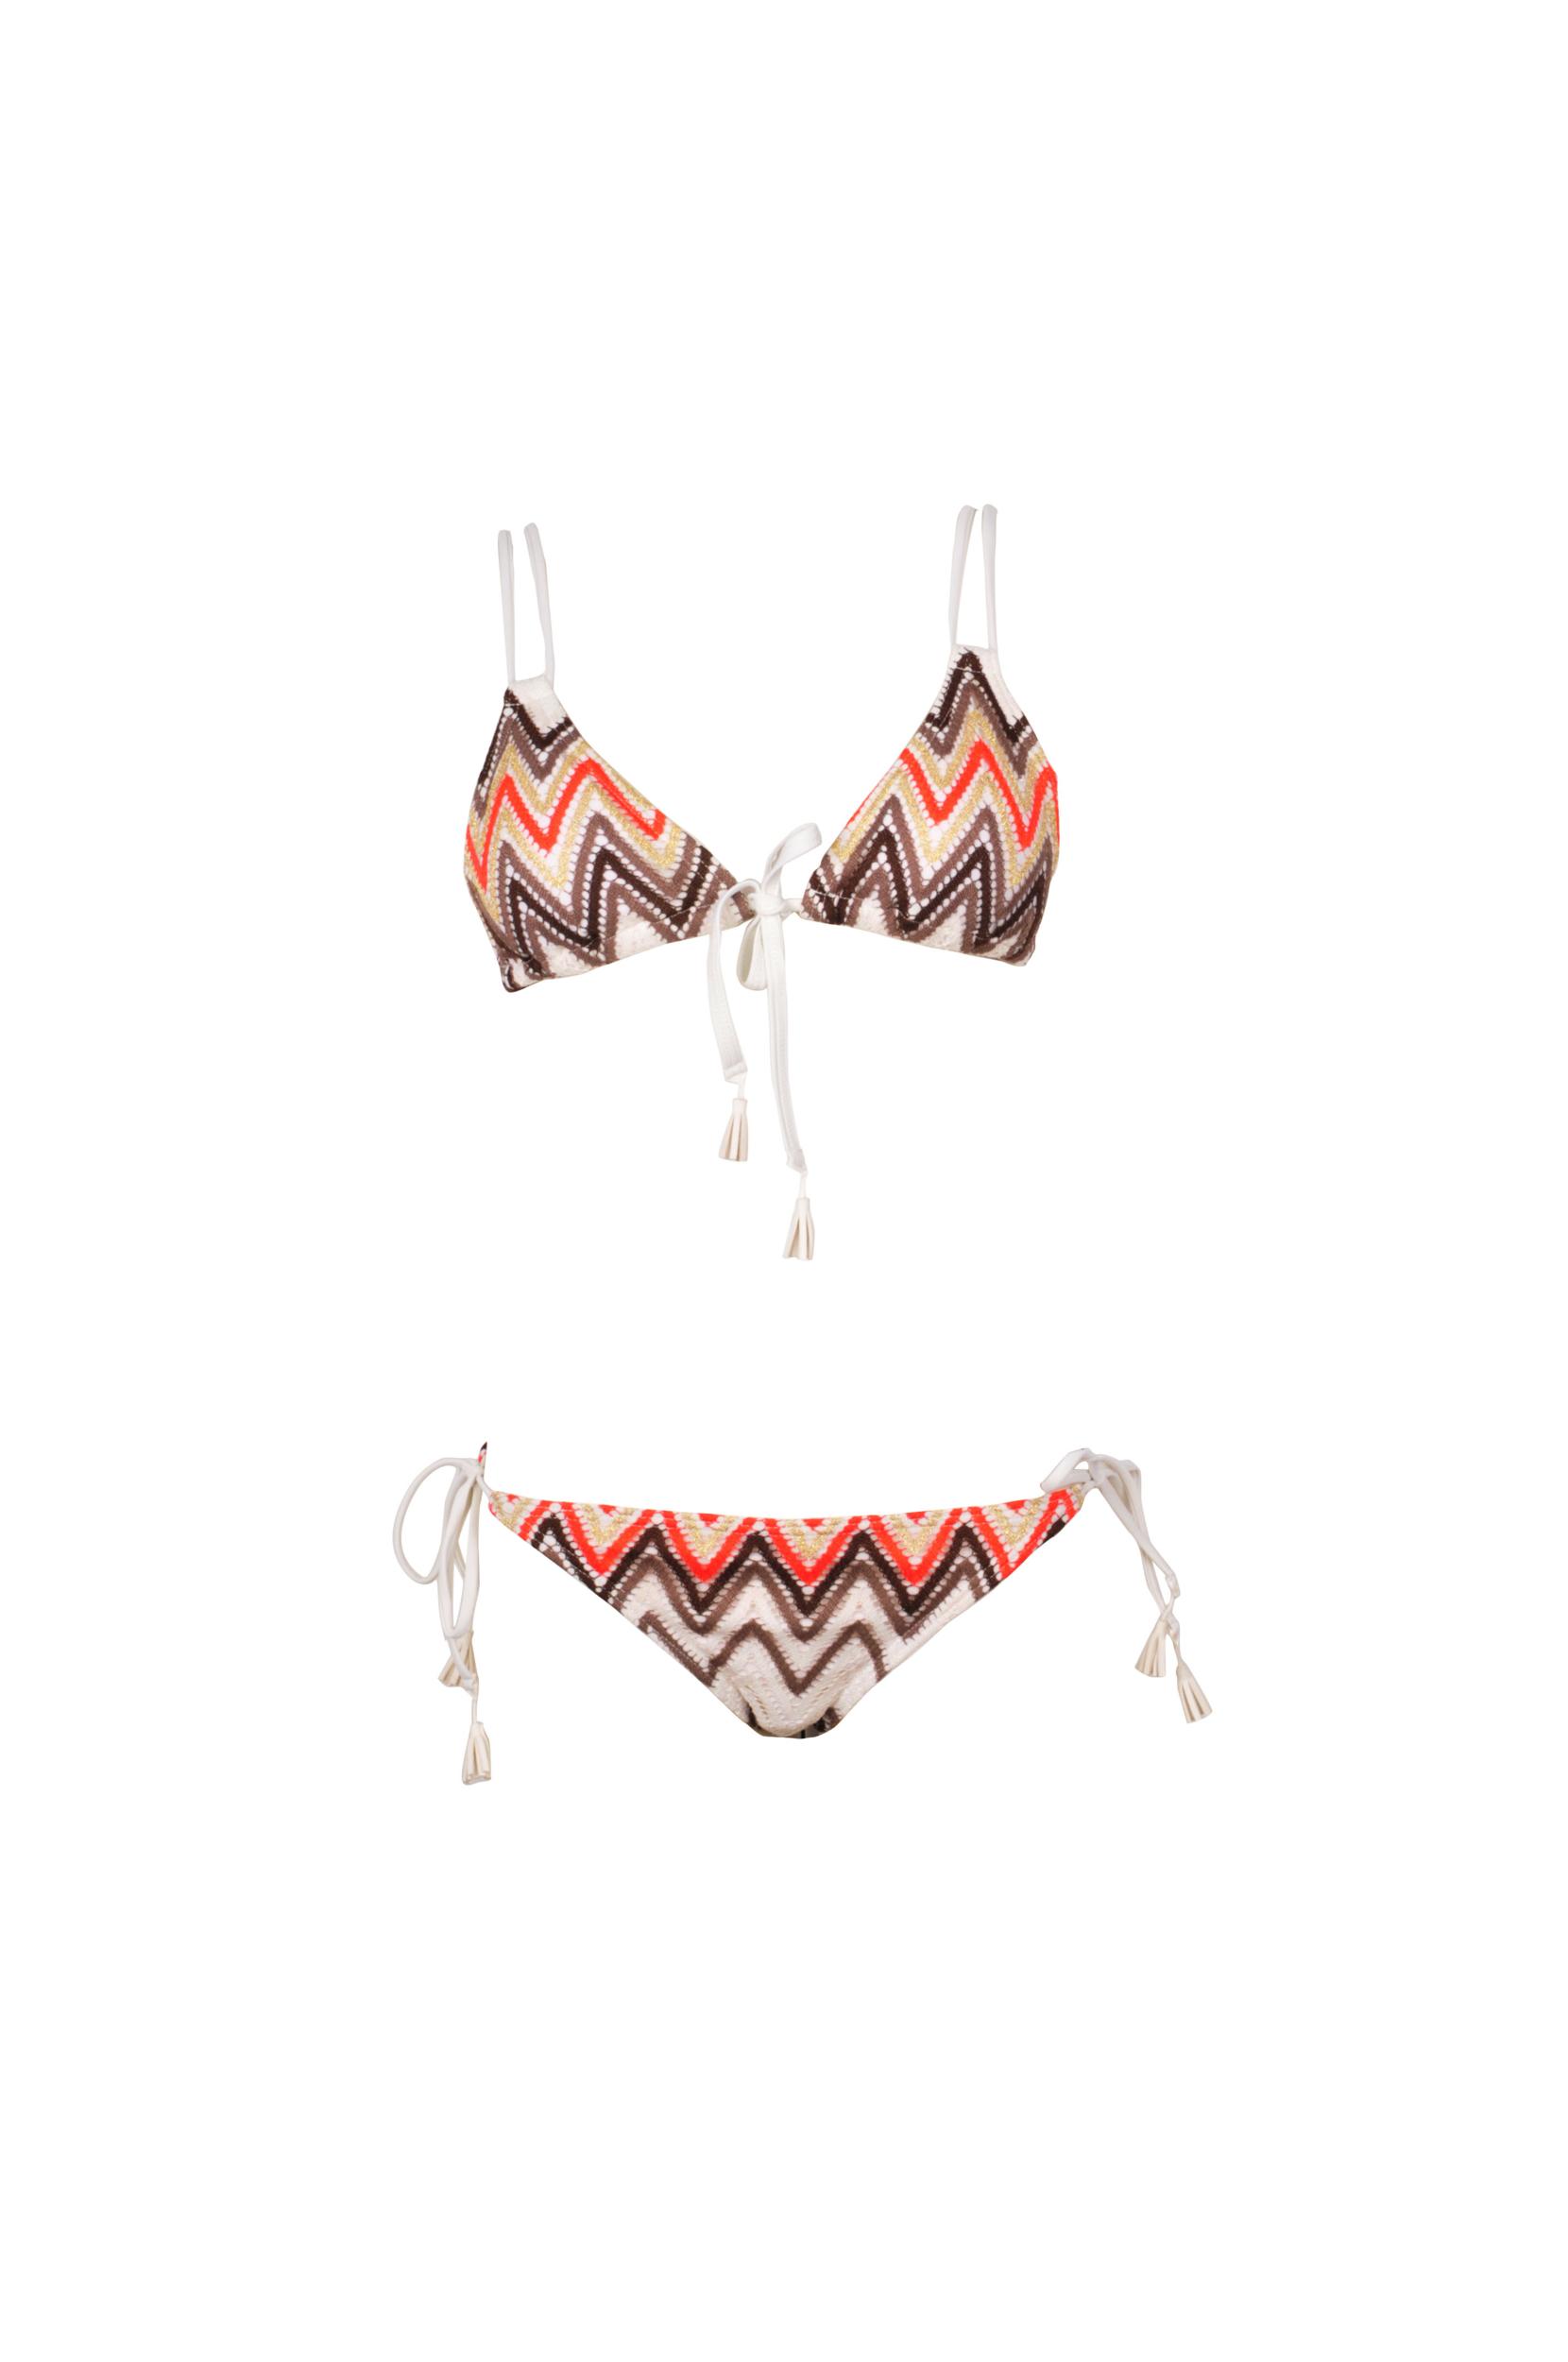 b3f973842b82 Bikini triángulo Beige mutlicolor 2 piezas